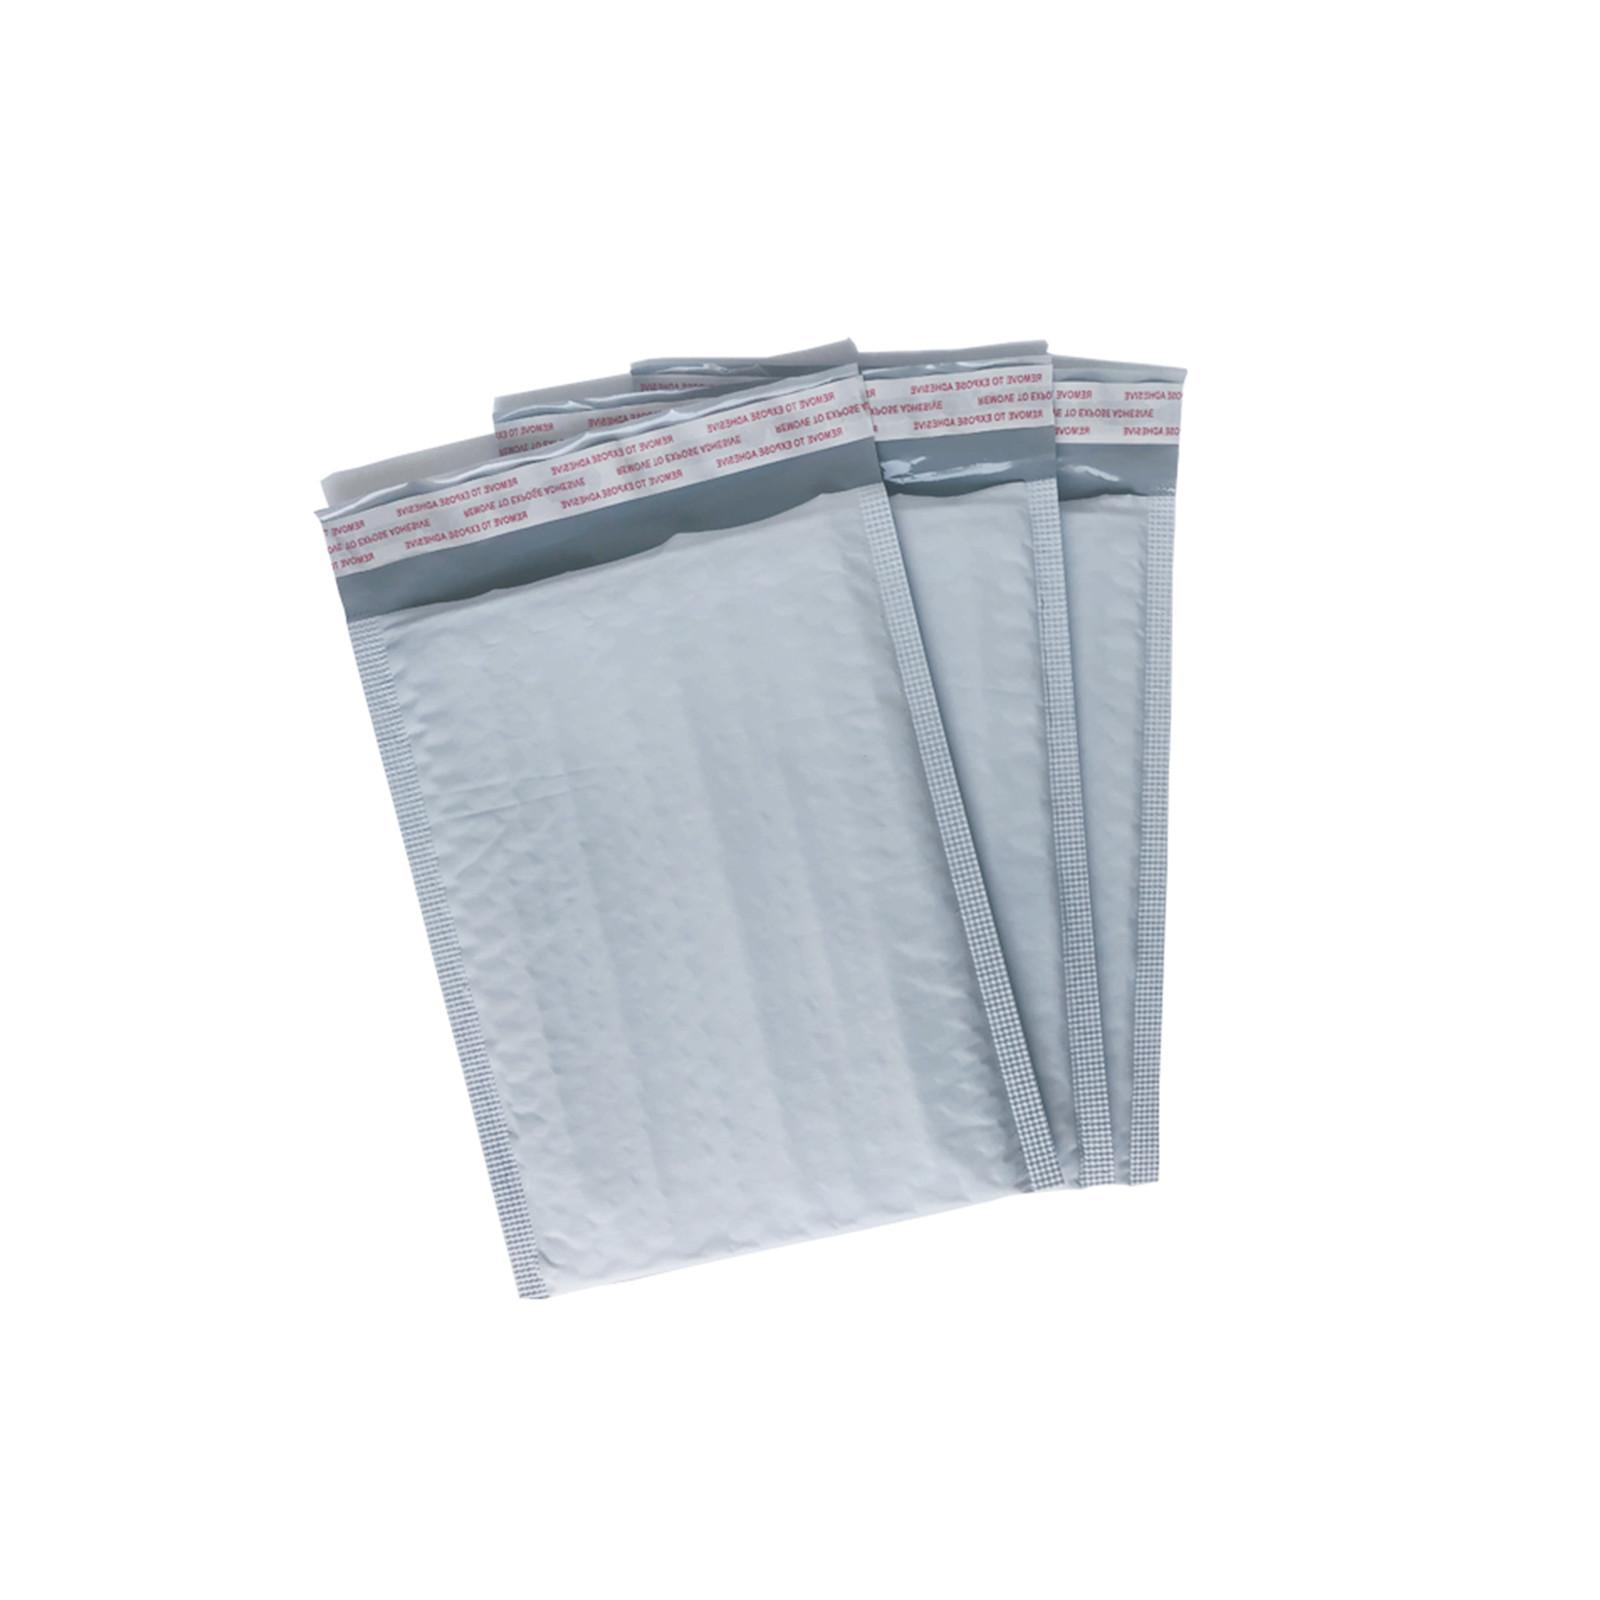 (500个装)共挤气泡信封袋,防震防摔加厚泡沫快递包装袋 7